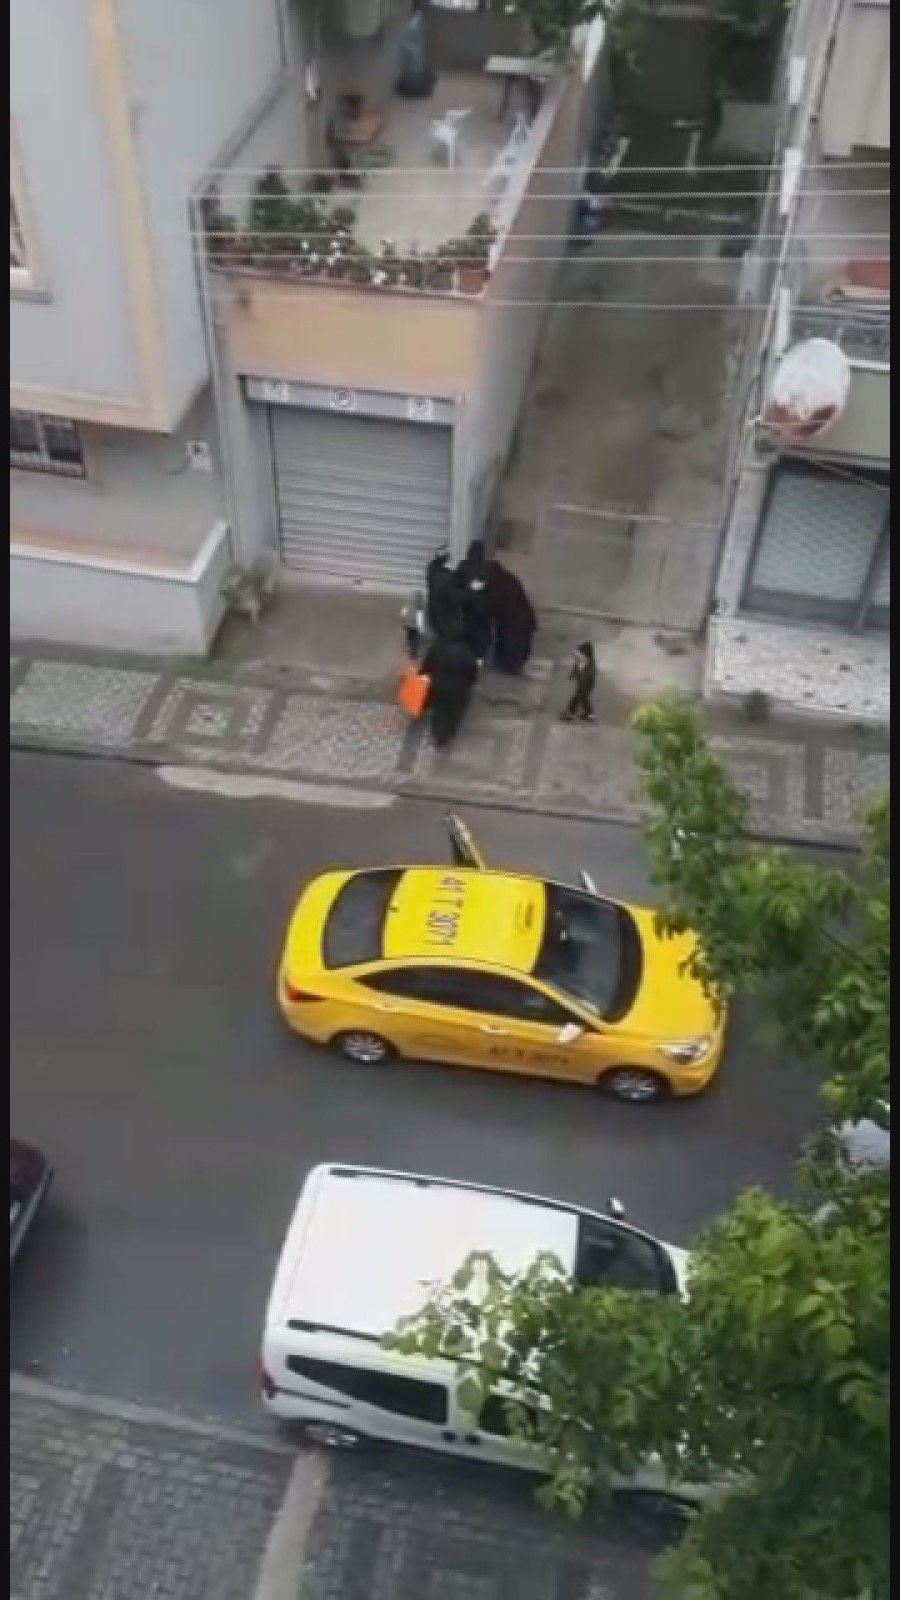 Böyle vicdansızlık görülmedi! Doğum yapan kadını taksici aracından attı! video izle - Sayfa 2